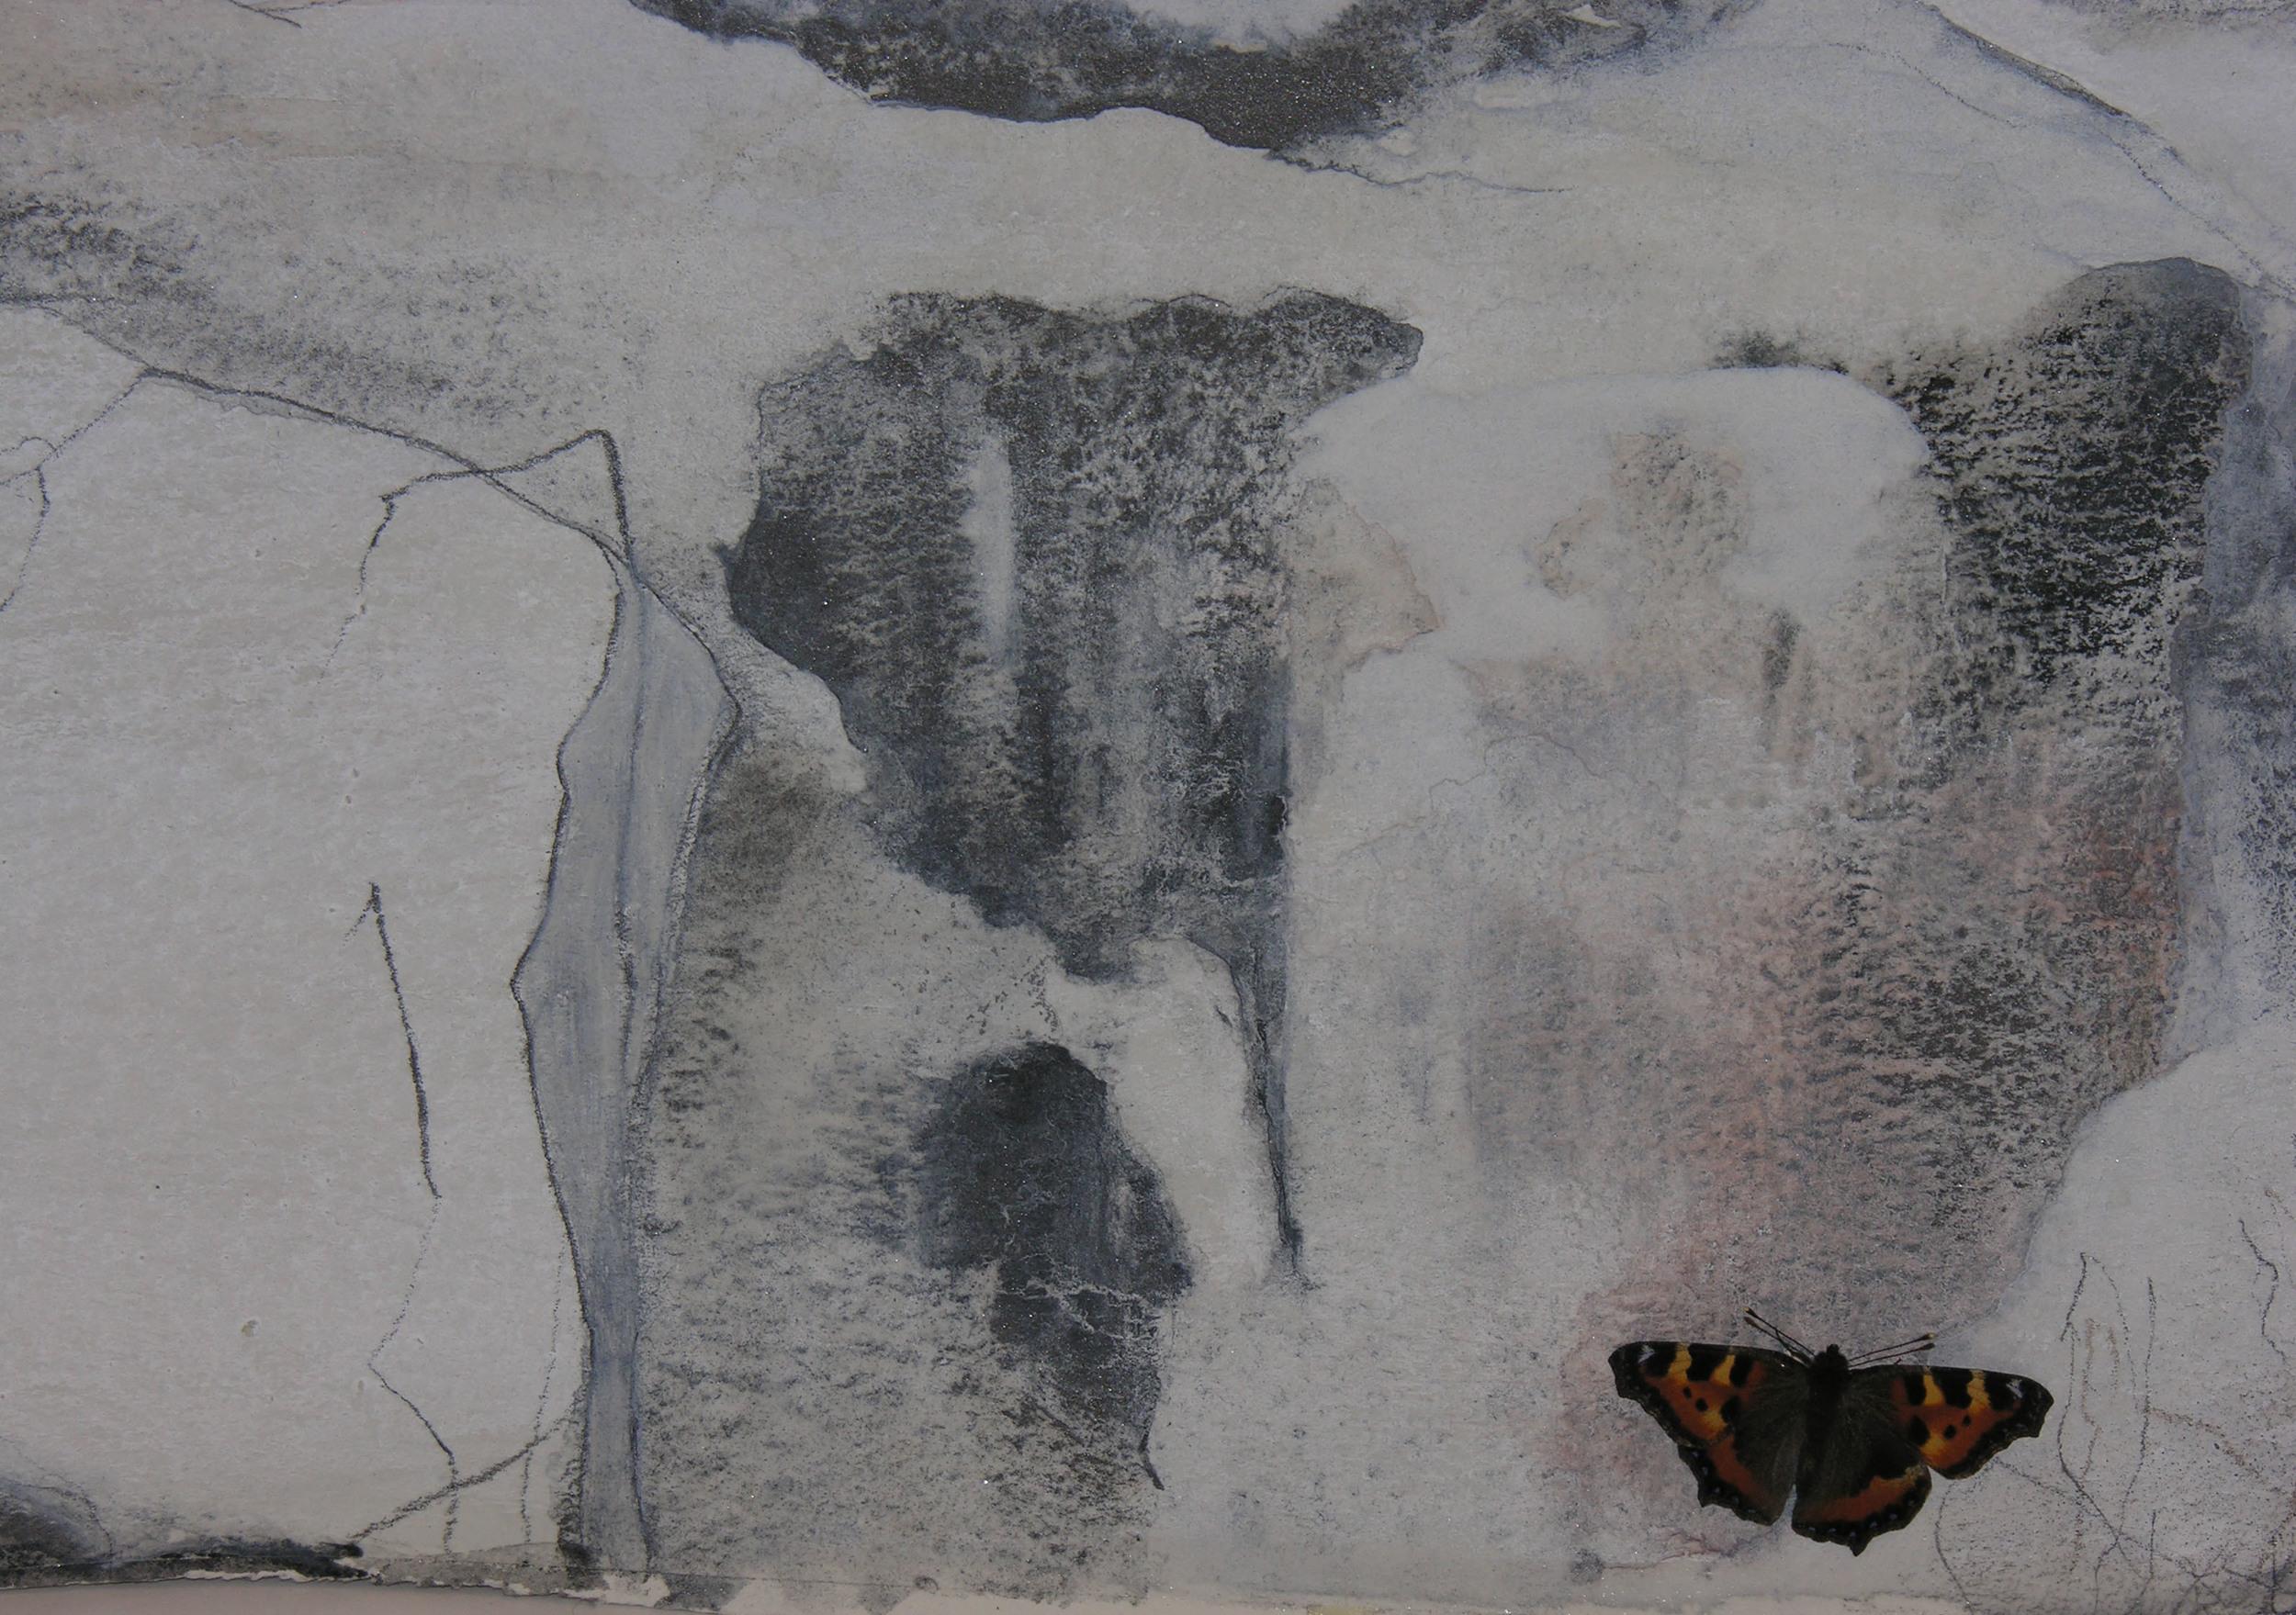 Butterfly in winter (Koli Ryynänen studio)